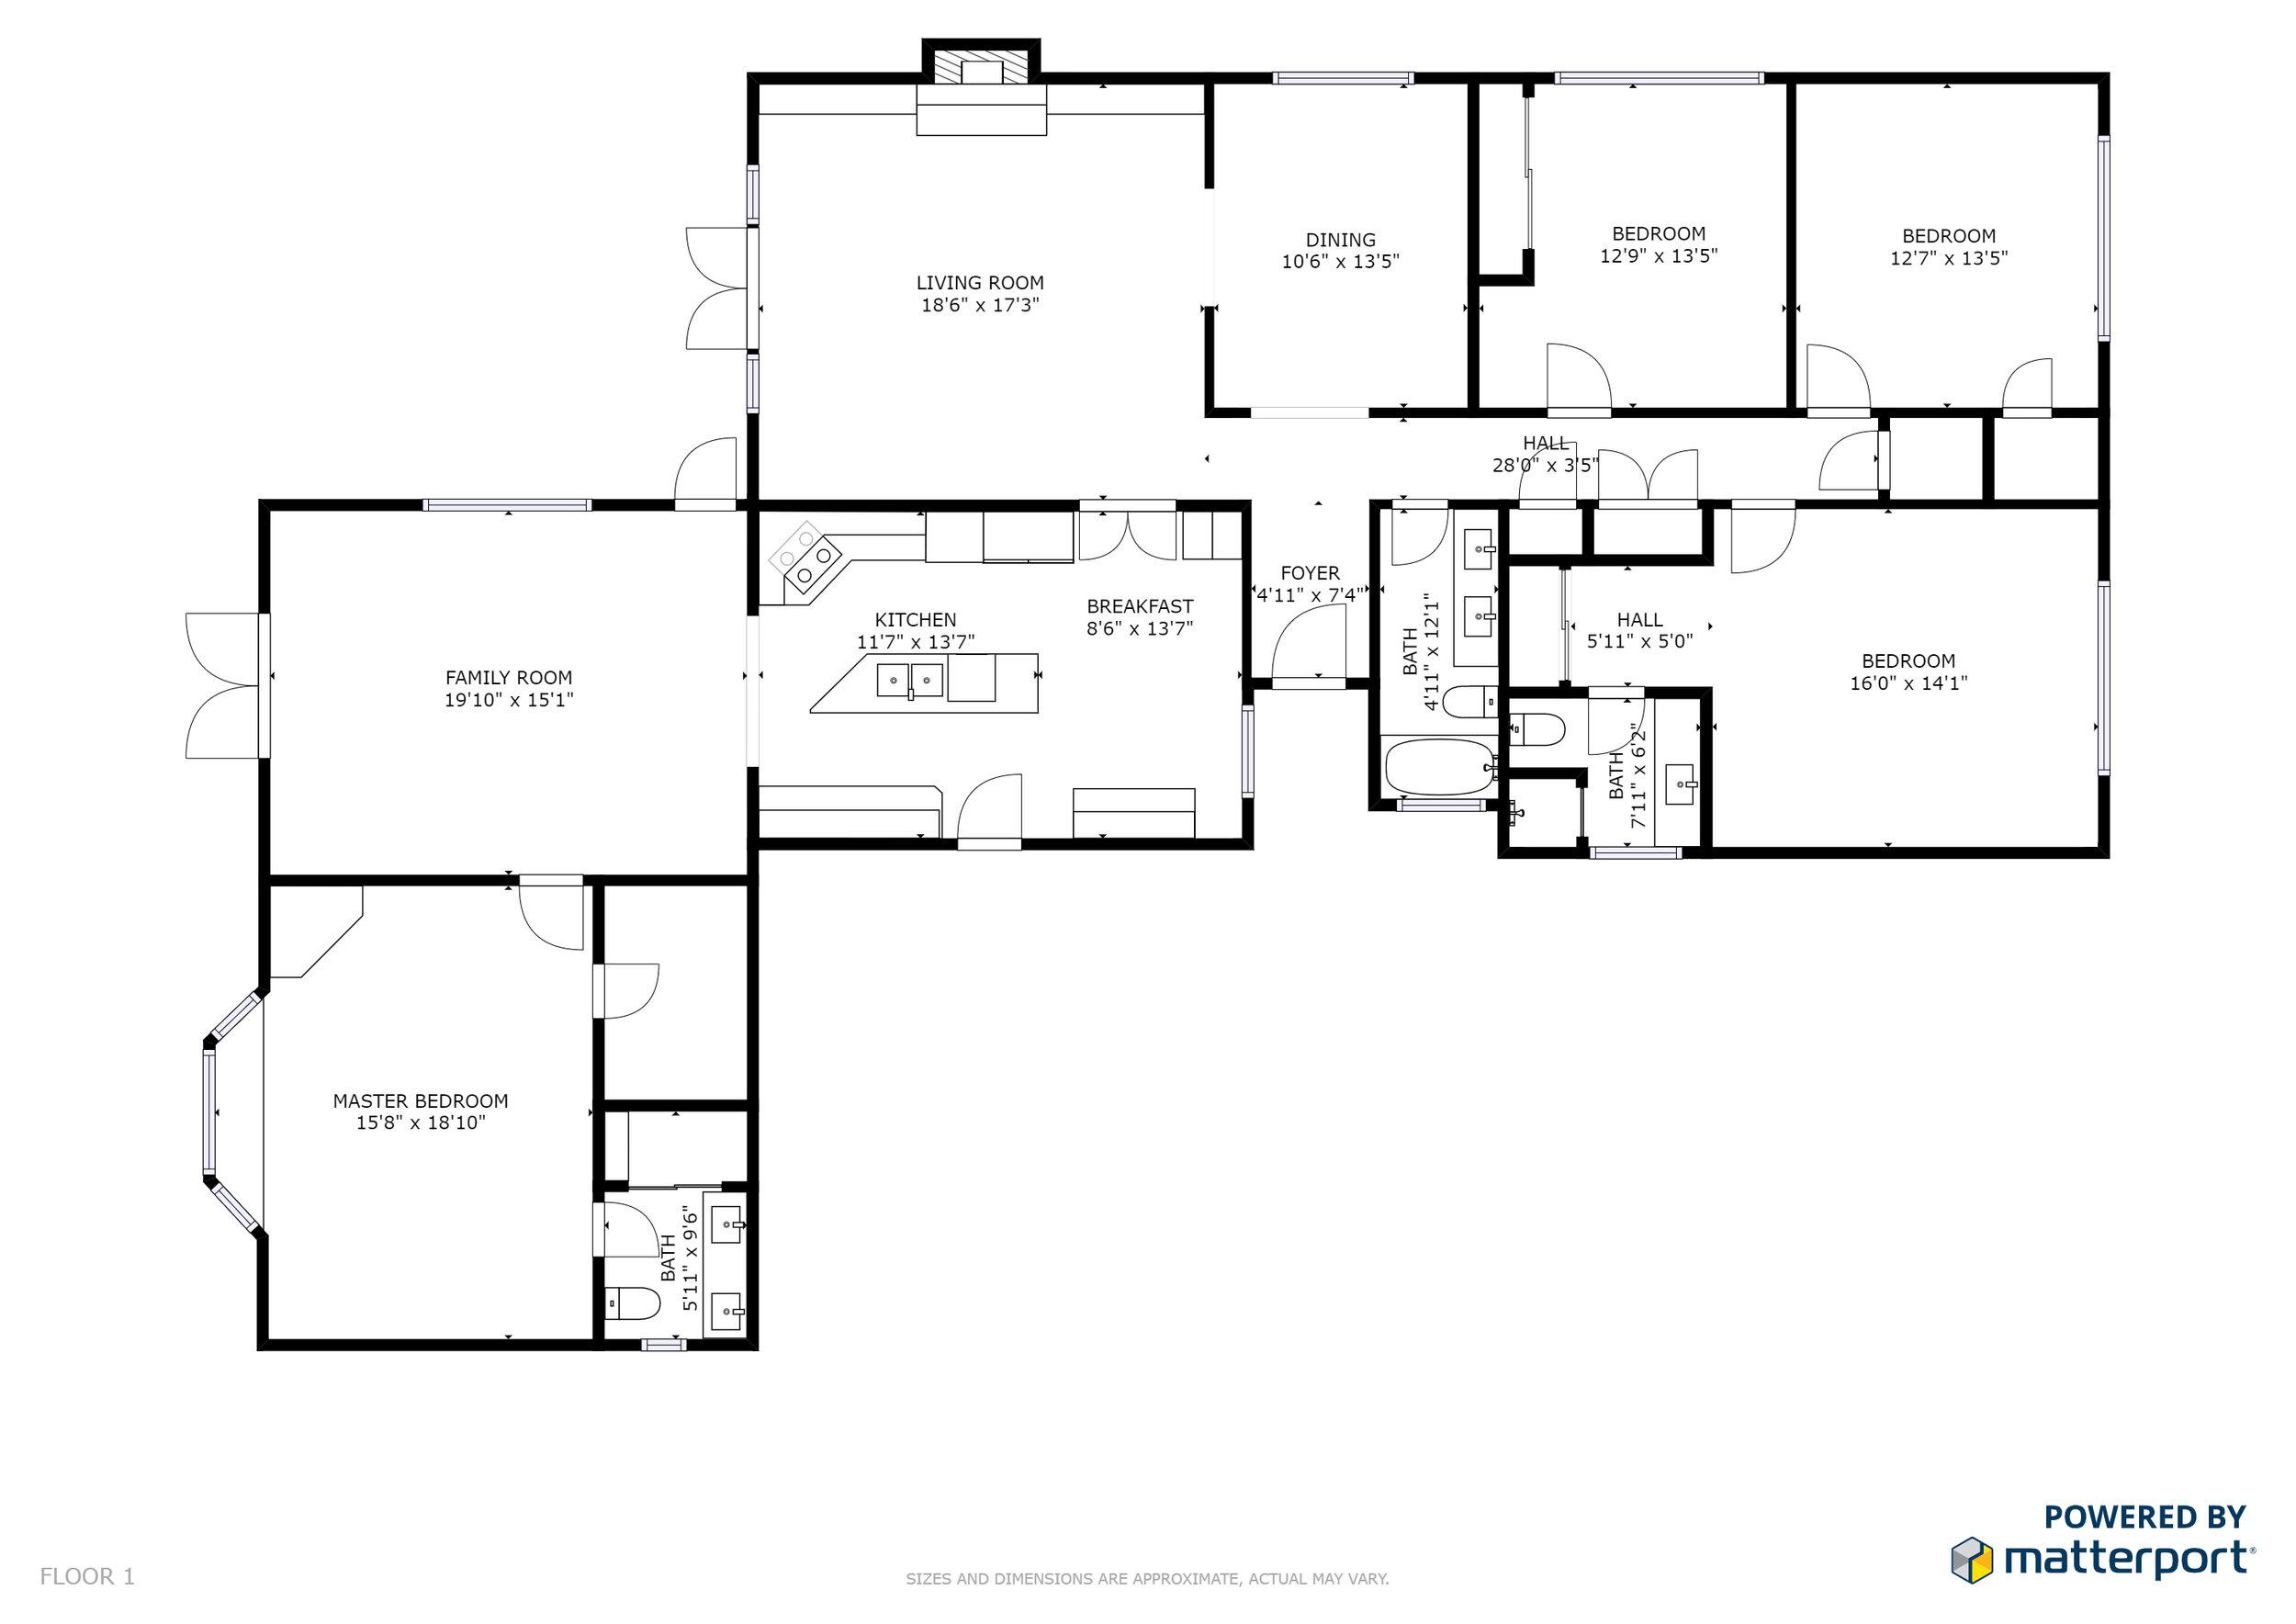 40 Willow Rd - Floor 1.jpg